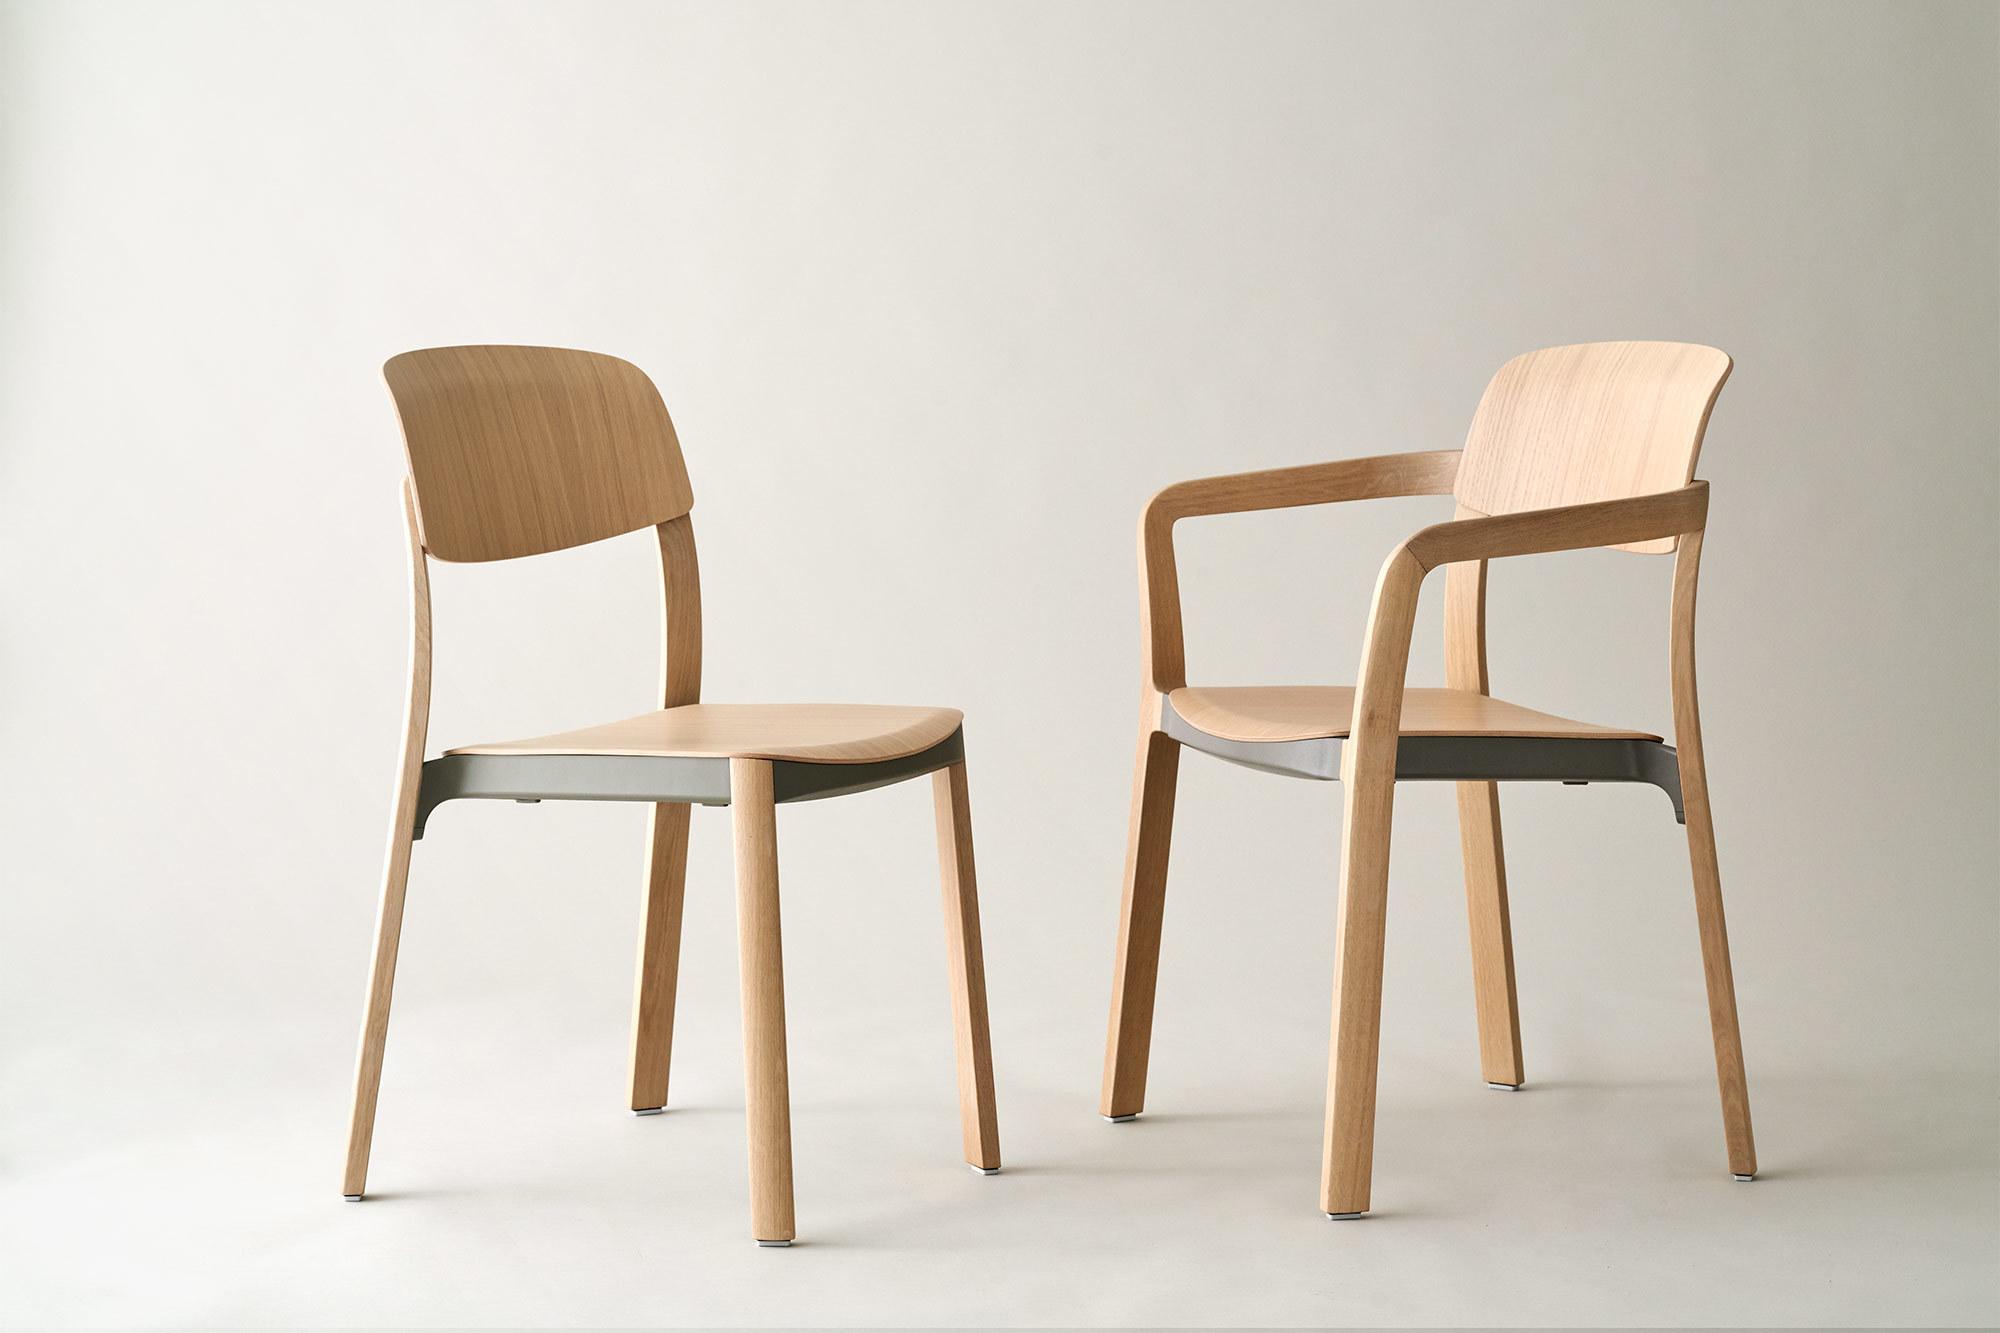 Atelier Steffen Kehrle entwarf Holzstuhl nate für den Möbelhersteller Brunner.